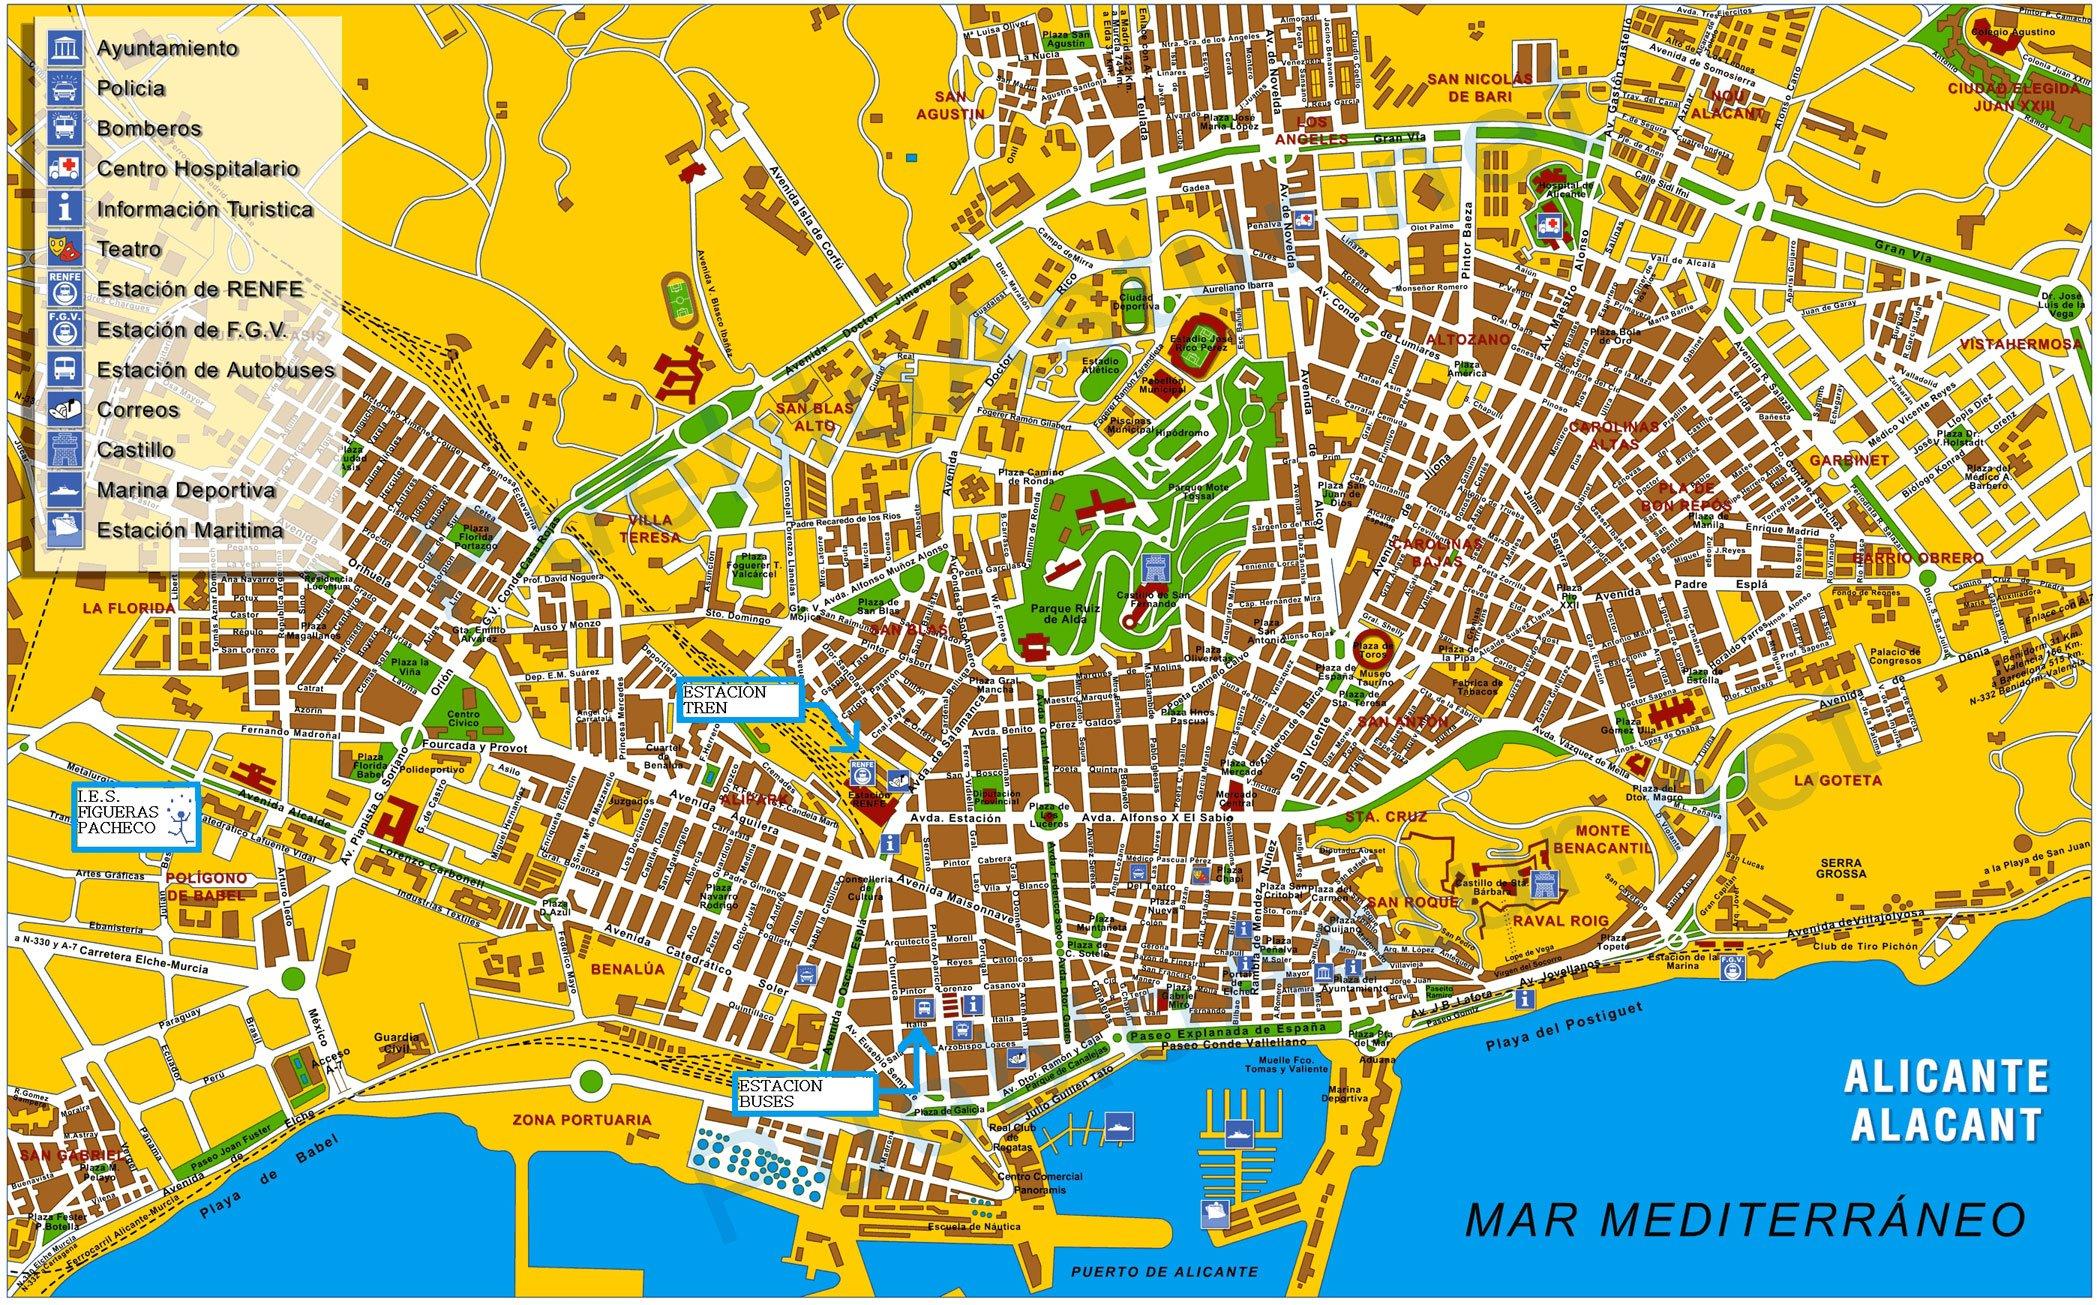 карта Аликанте